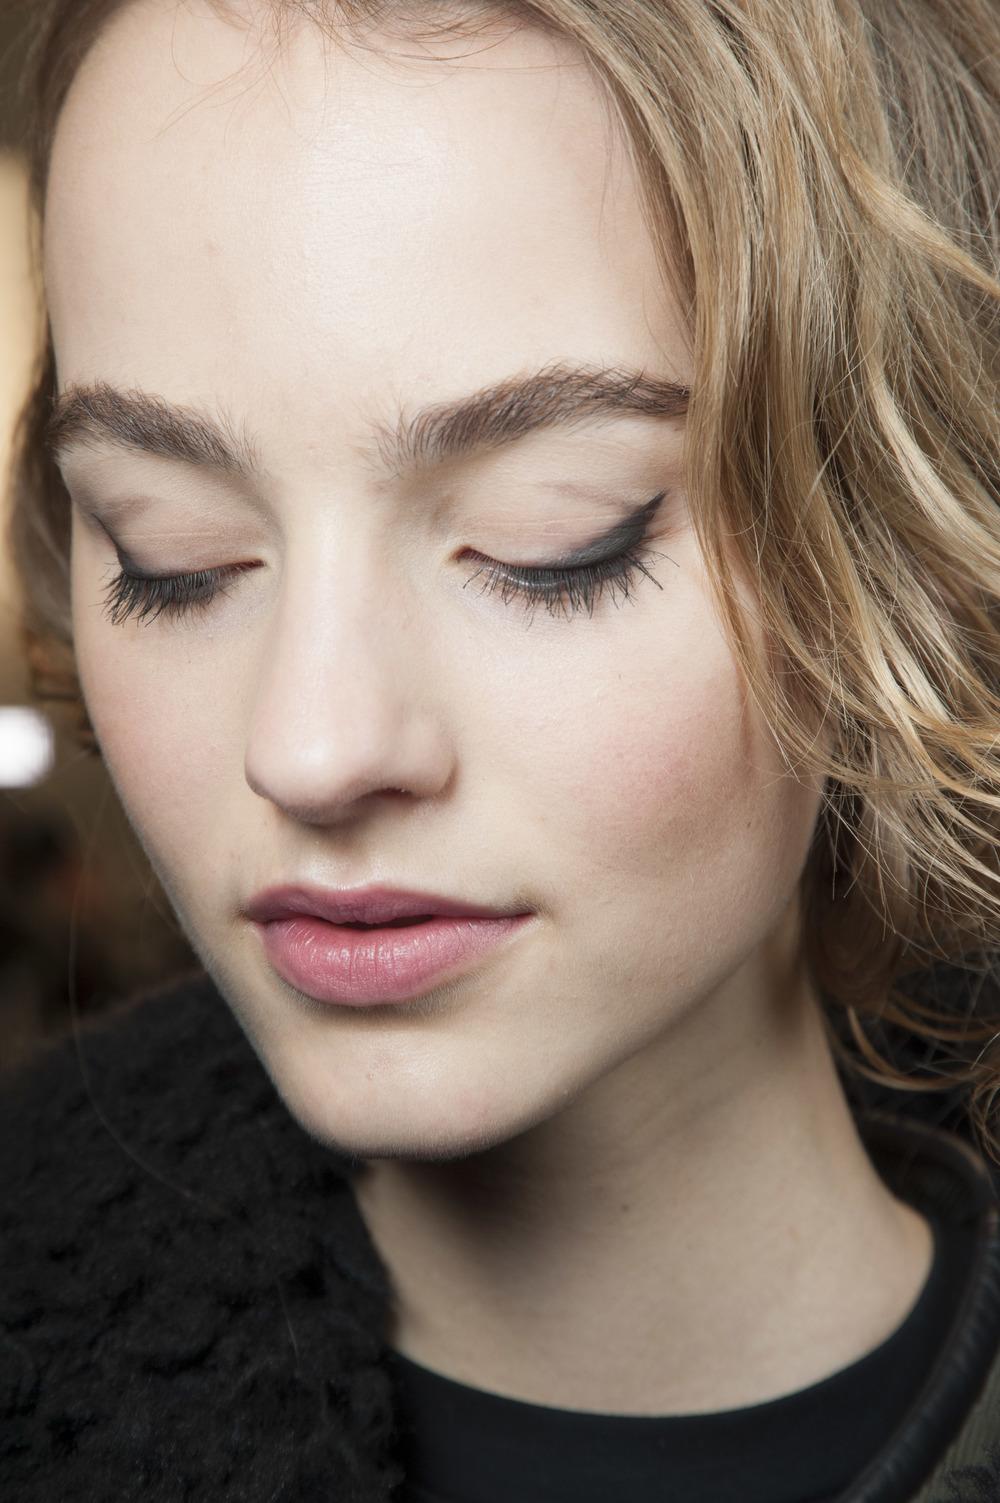 Image: Courtesy of Style Wylde Magazine / Max Mara